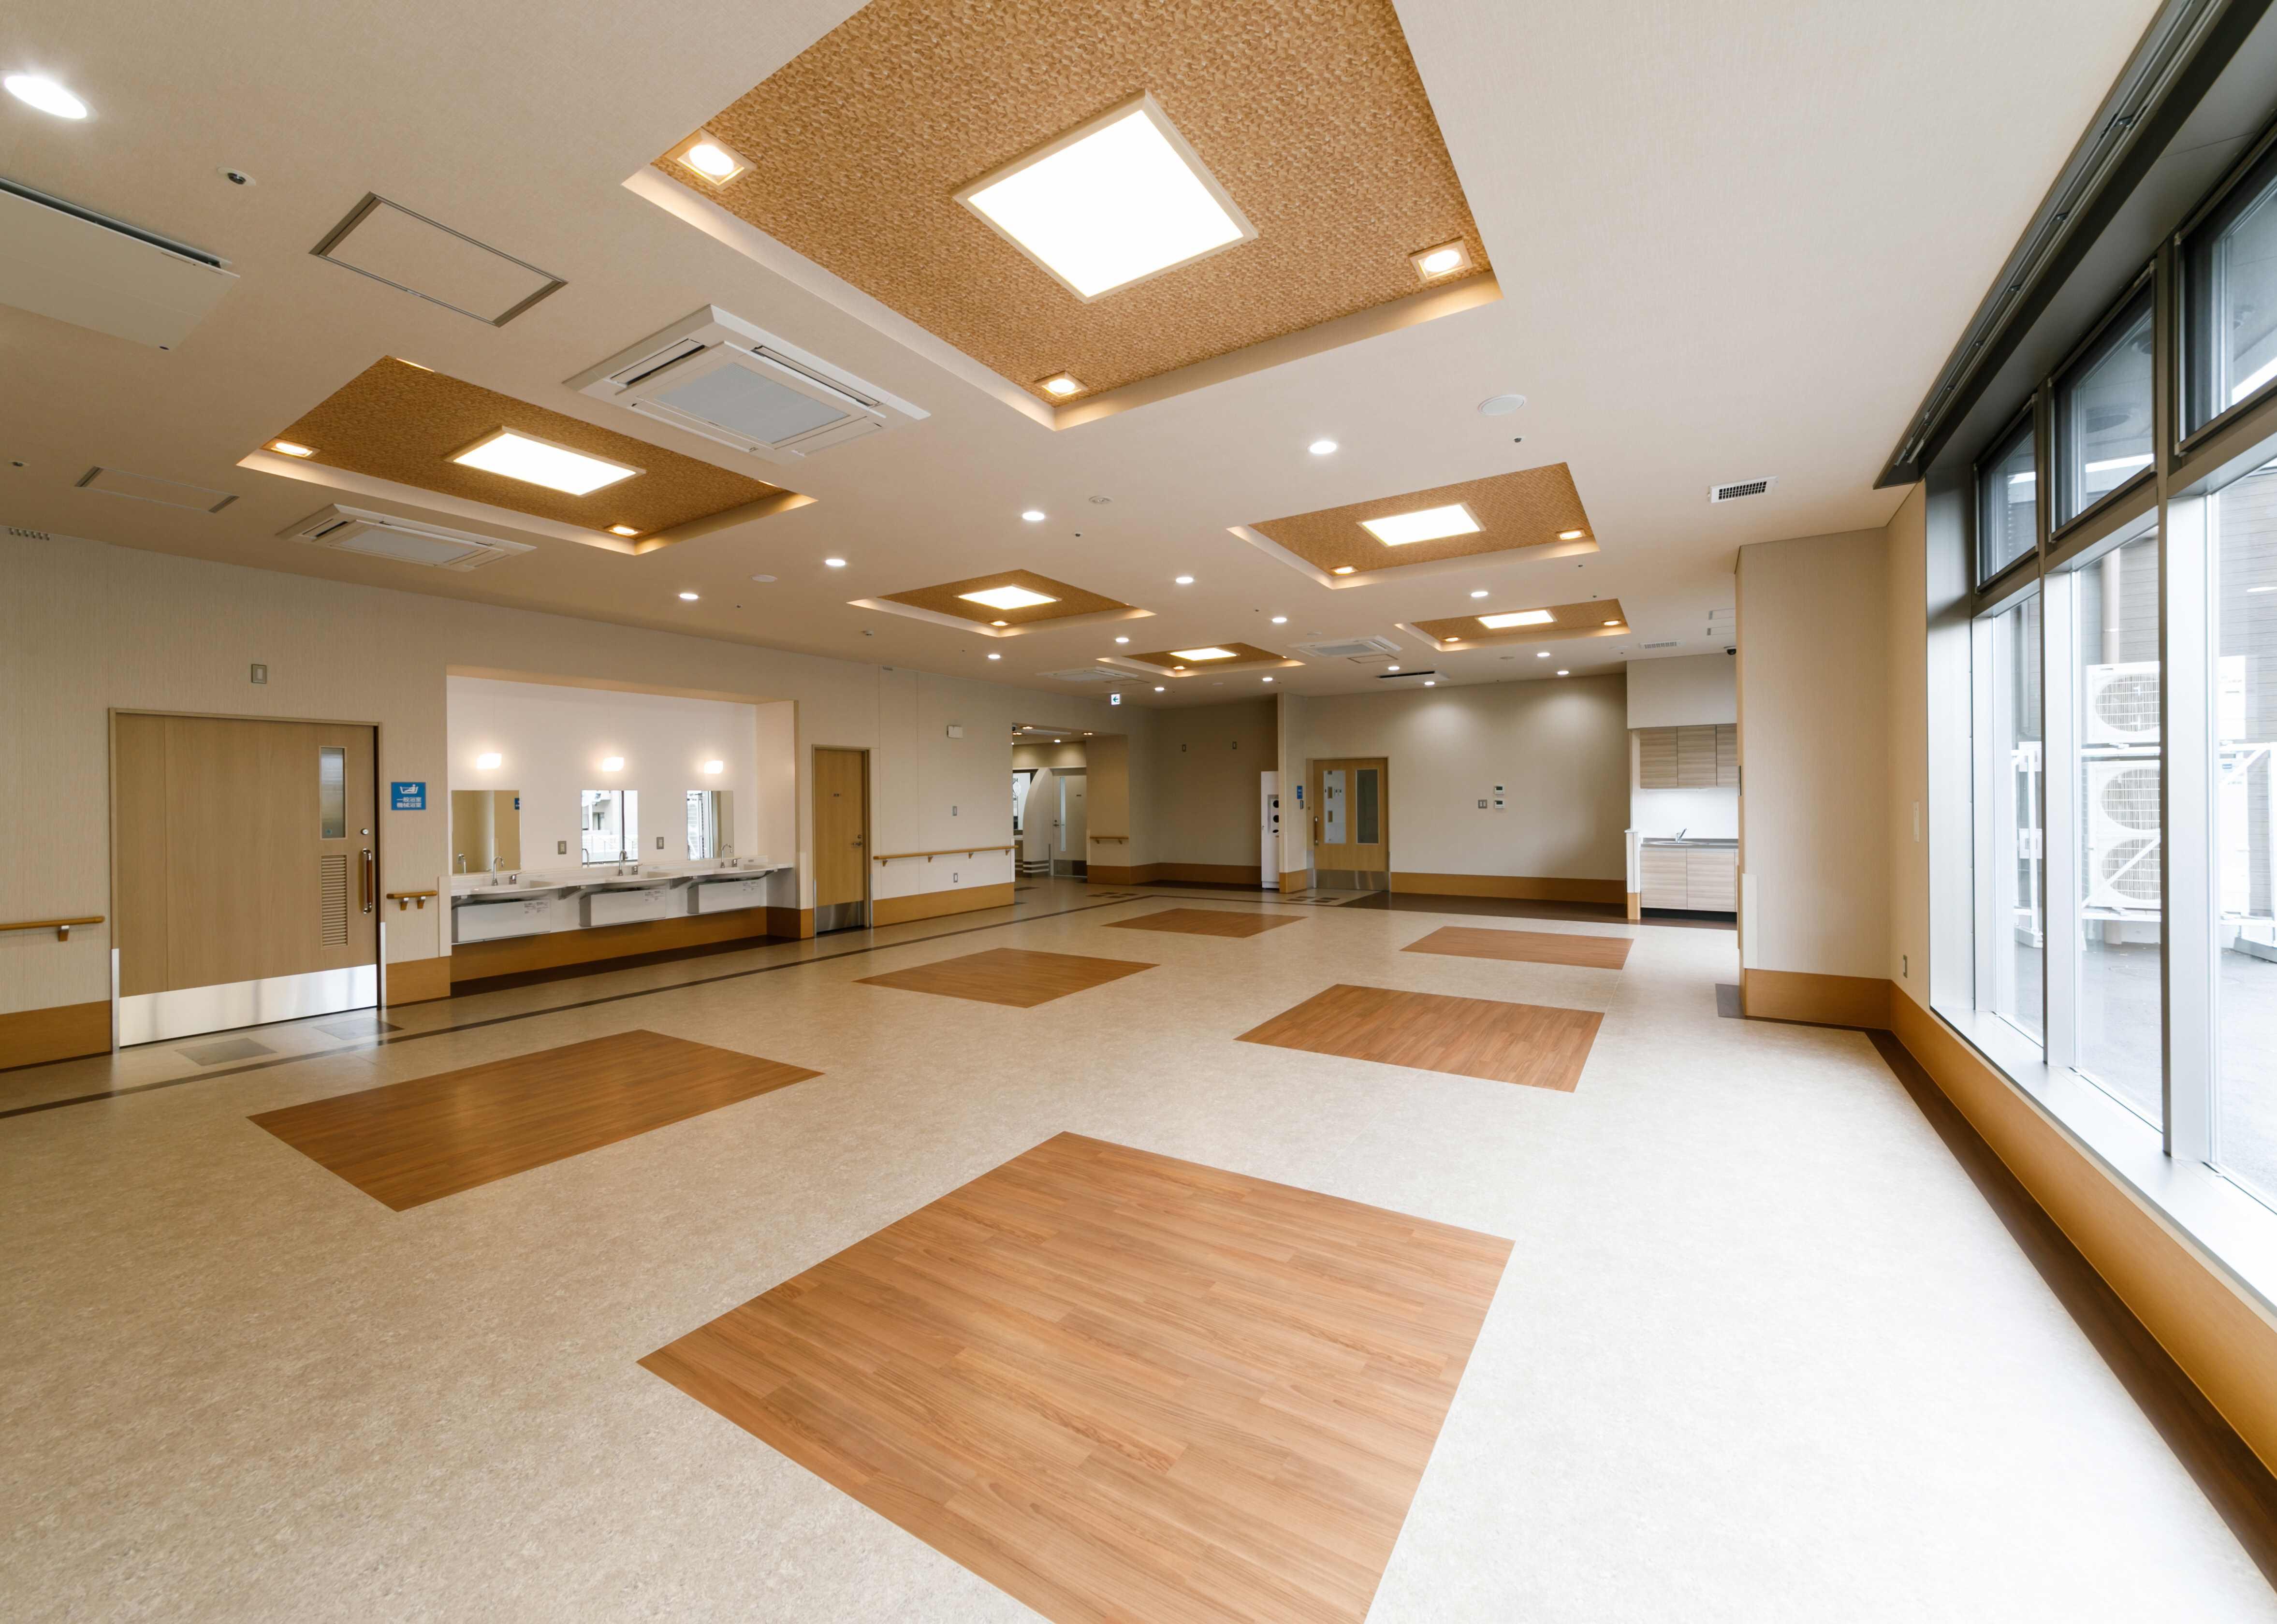 20_デイサービス食堂・機能訓練室